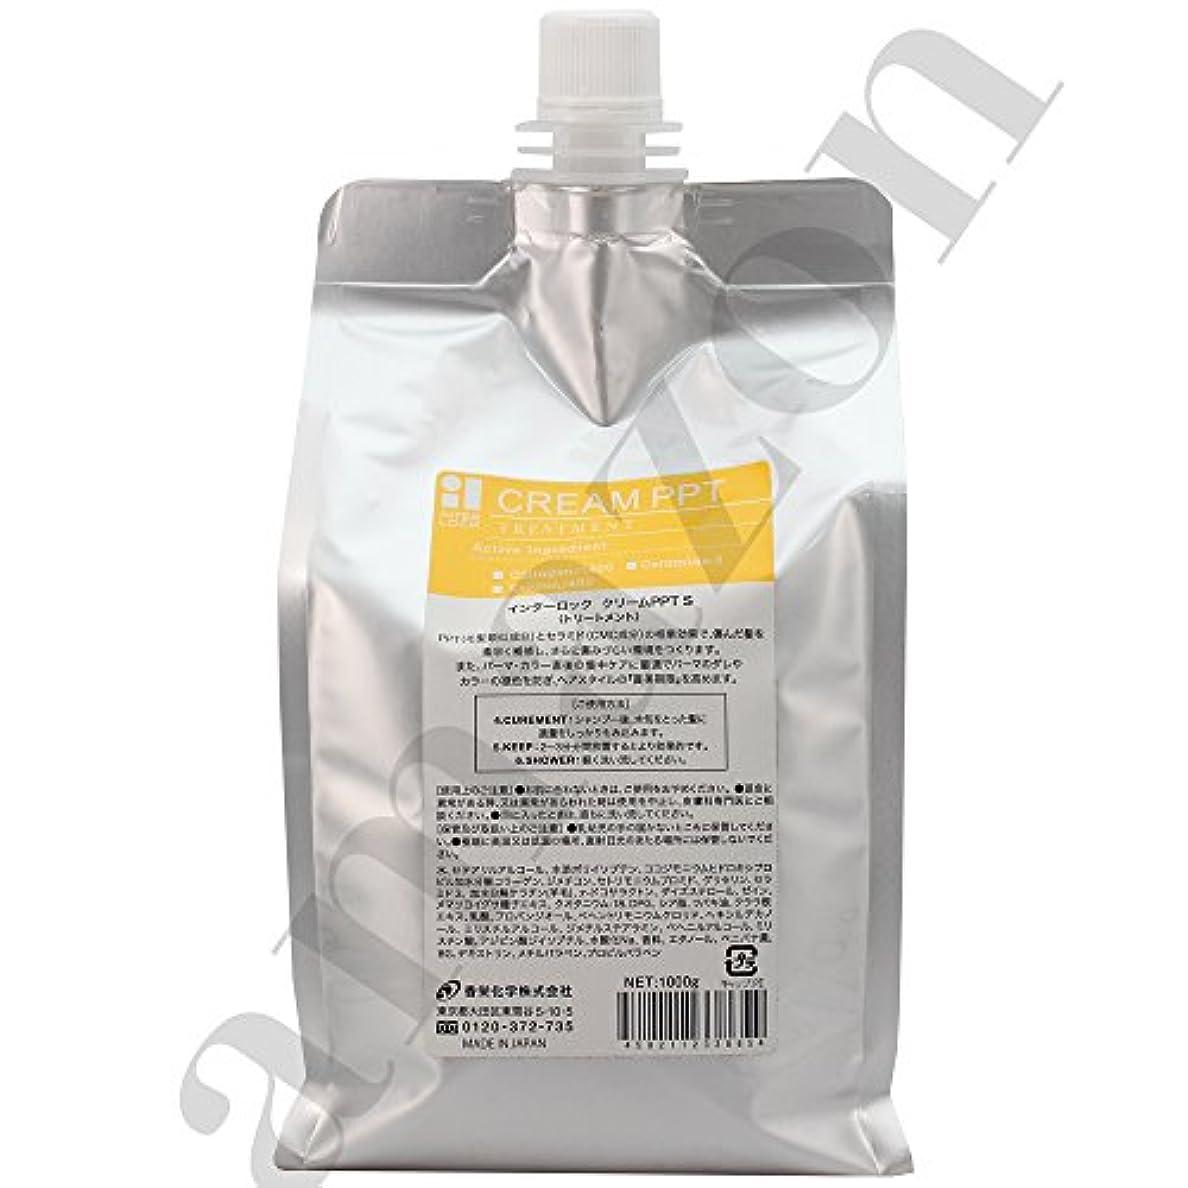 困惑するアナログうん香栄化学 インターロック クリームPPT S レフィル 1000g